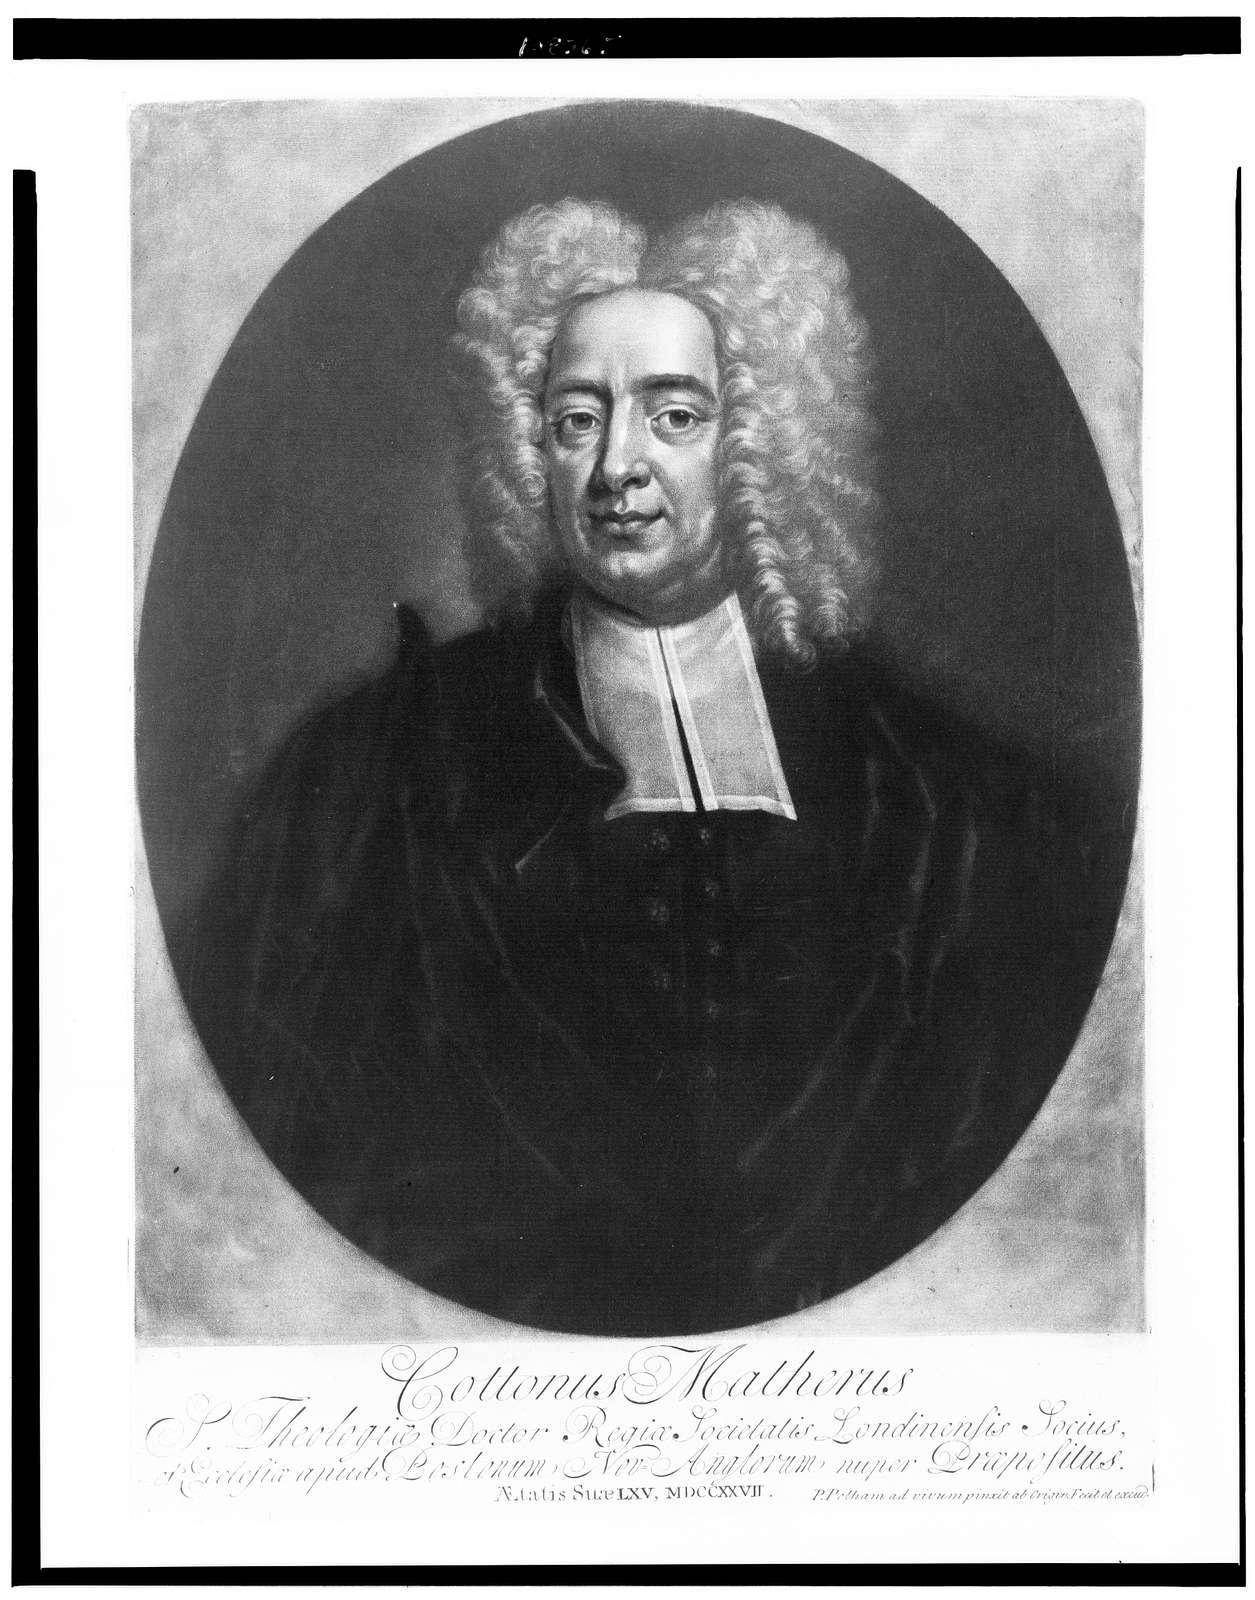 Cottonus Matherus S. theologiae doctor regia societatis Londonensis ... aetatis suae LXV, MDCCXXVII [1727] / / P. Pelham ad vivum pinxit ab origin fecit et excud.